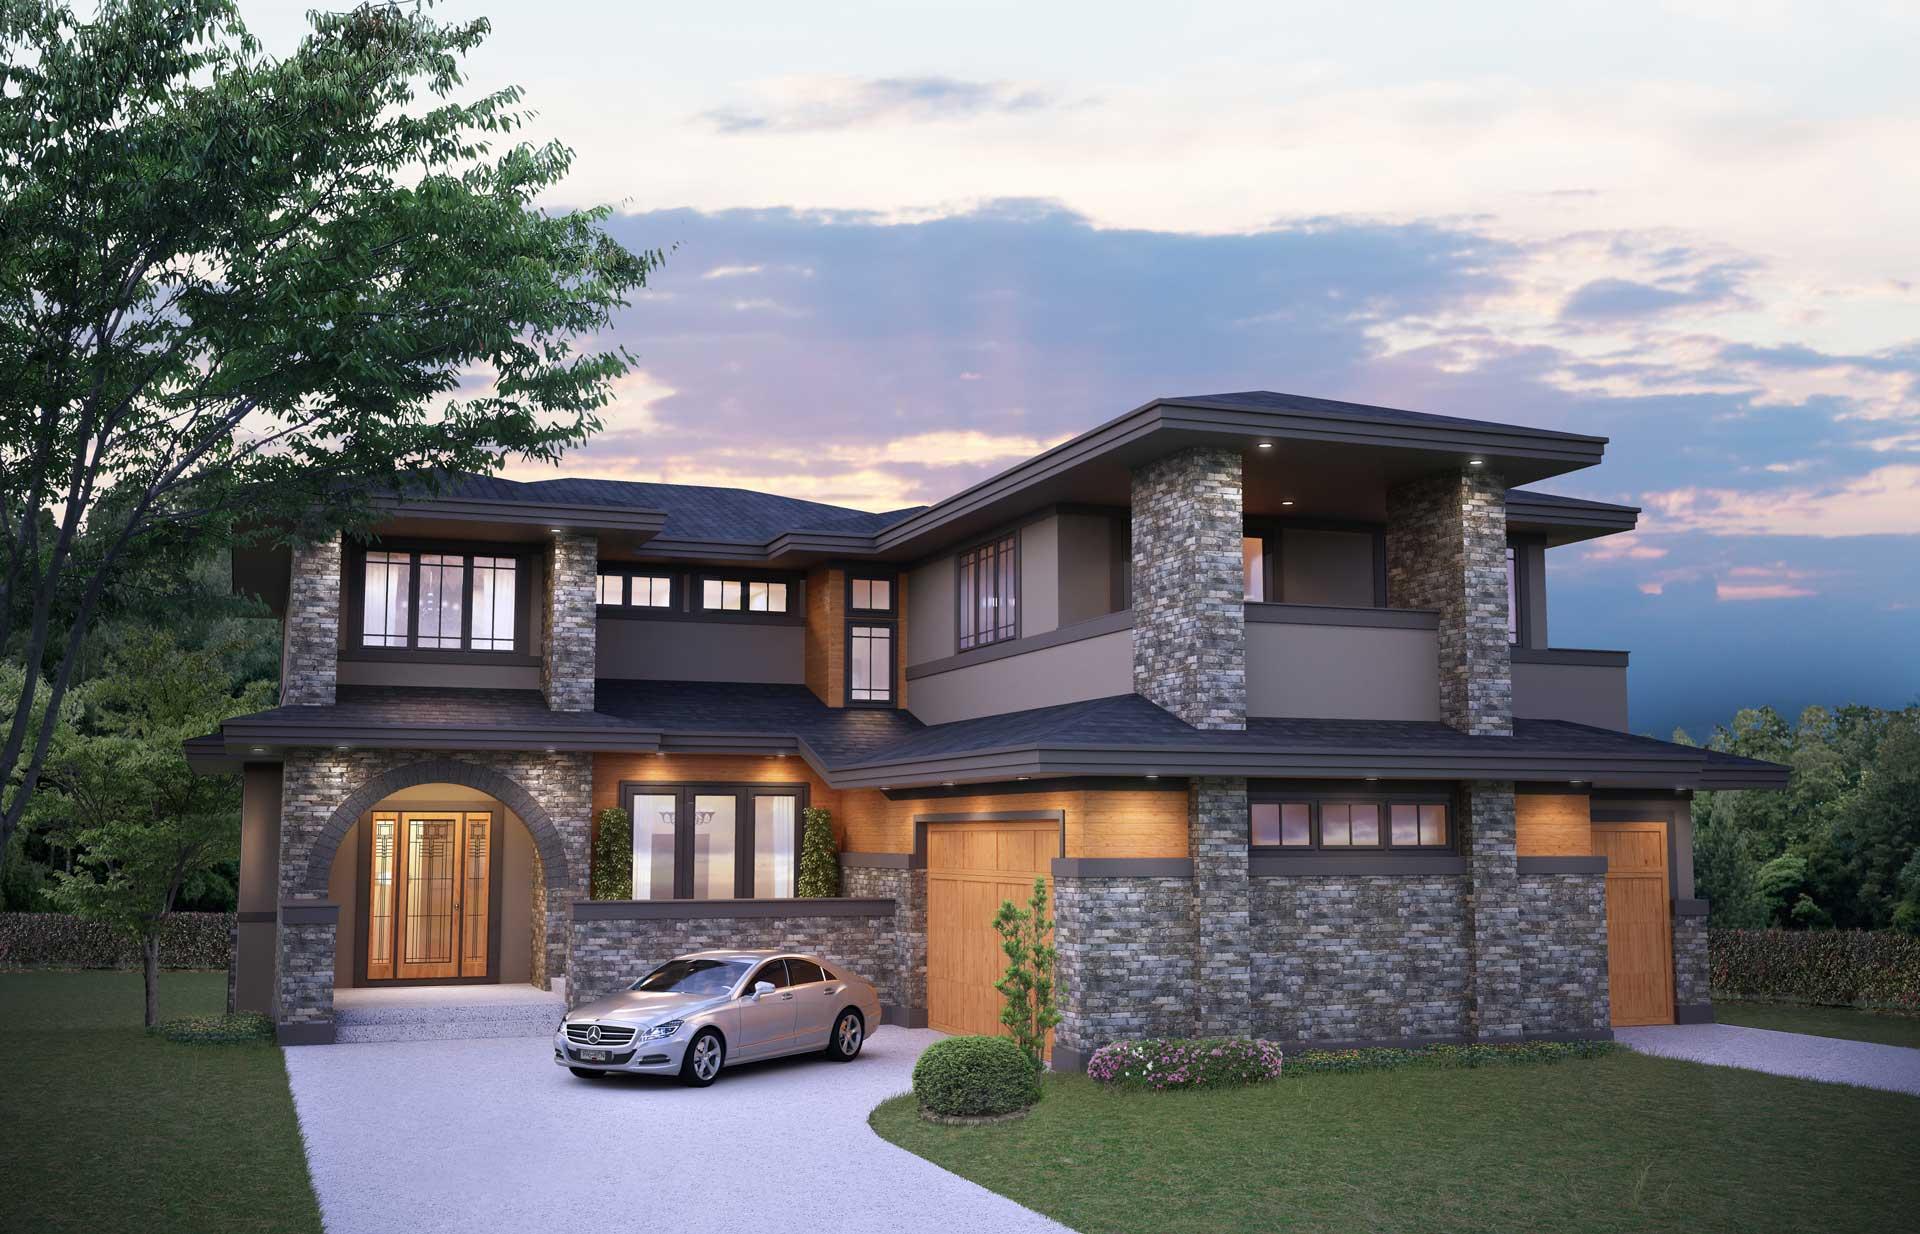 Villa - Calgary - Canada